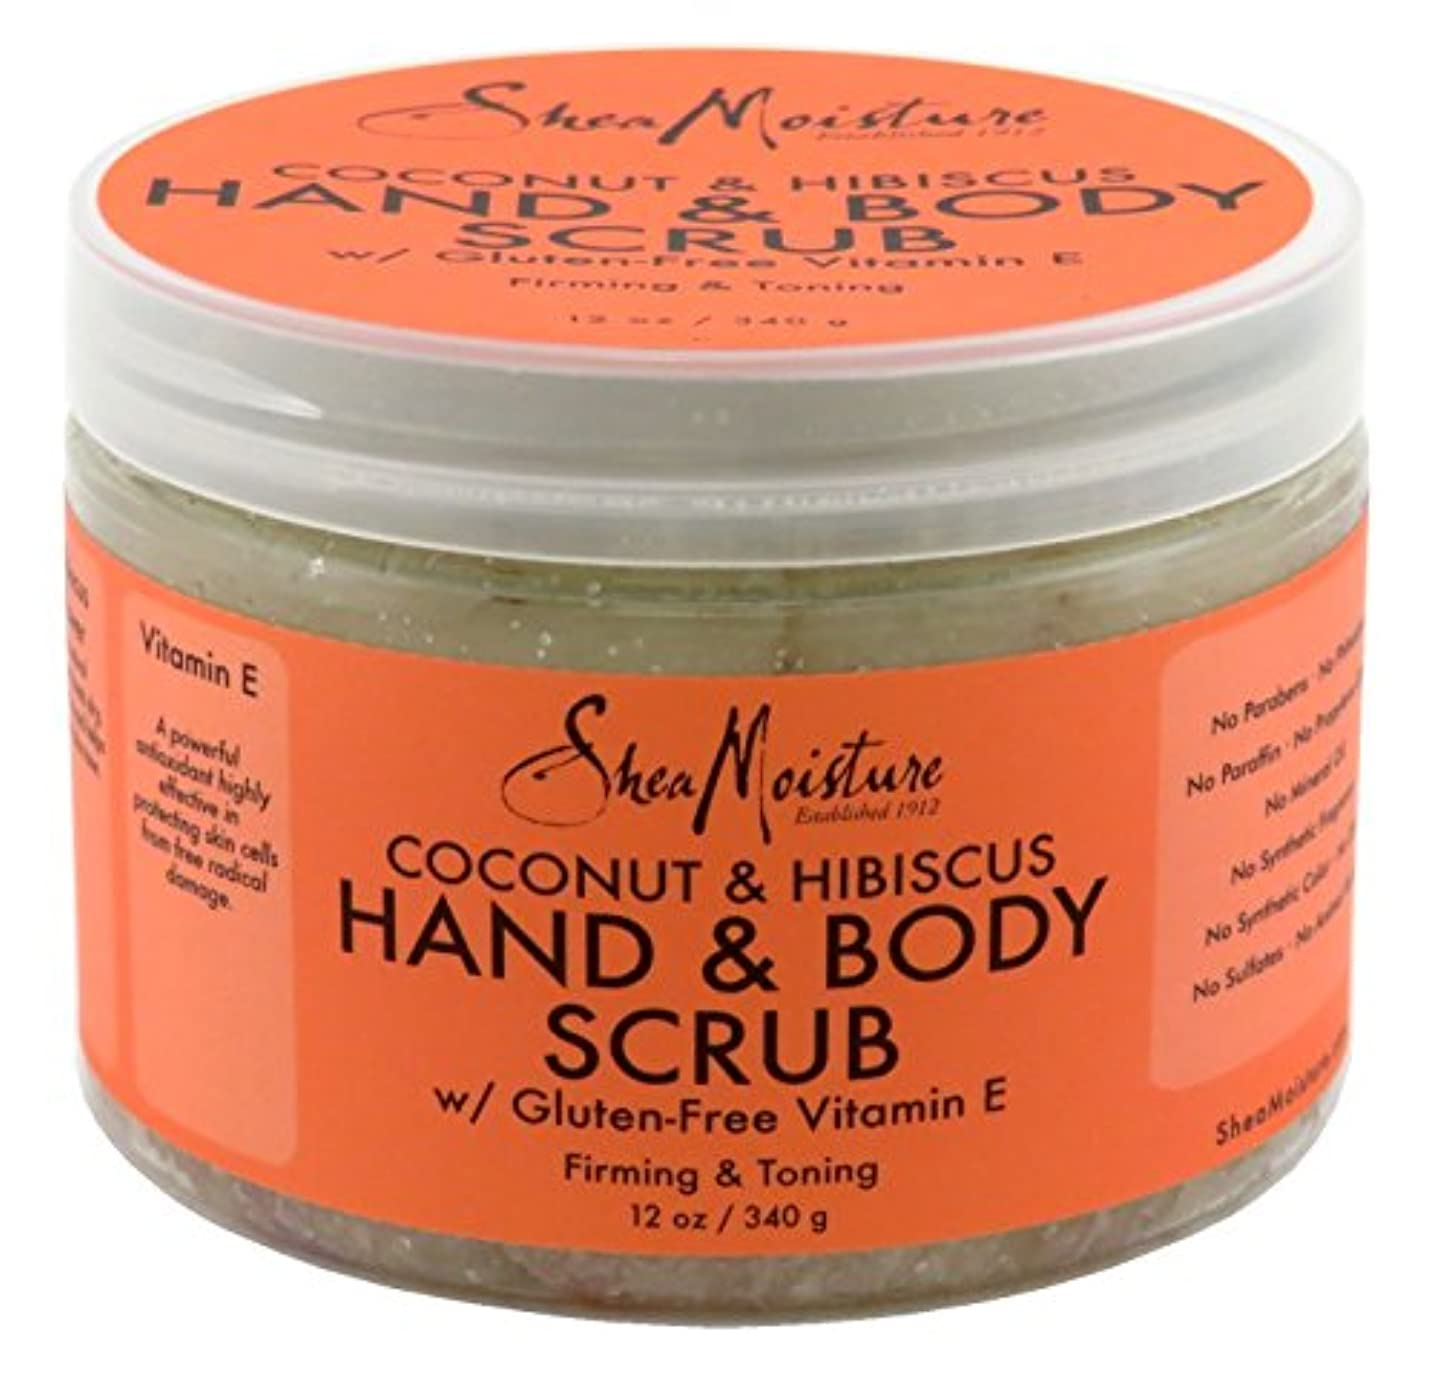 ドライブスティック責任者Shea Moisture Body Scrub Coconut and Hibiscus by Shea Moisture